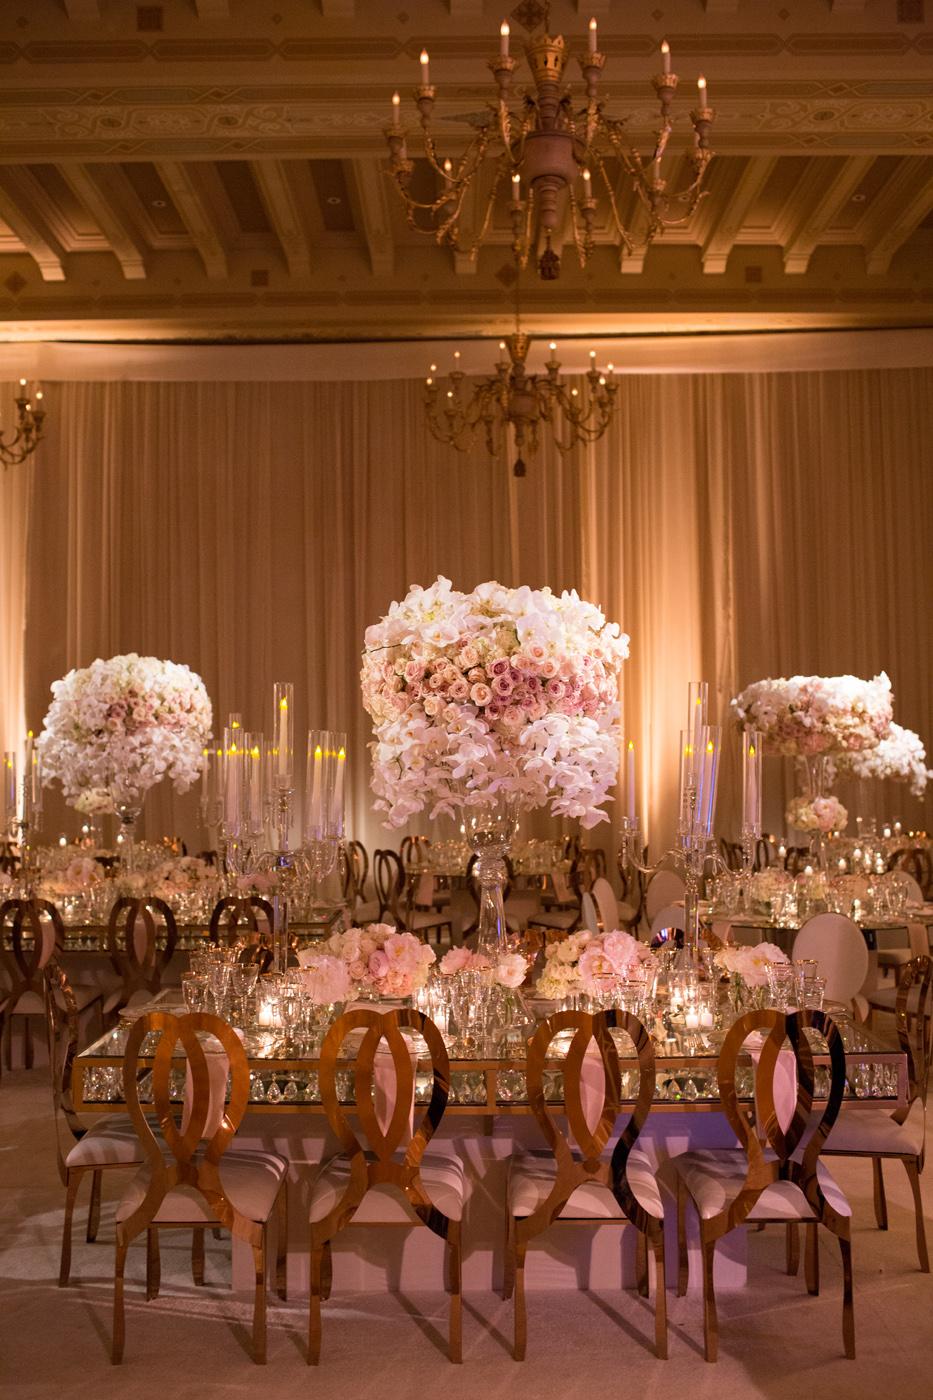 080_DukePhotography_DukeImages_Wedding_Details.jpg